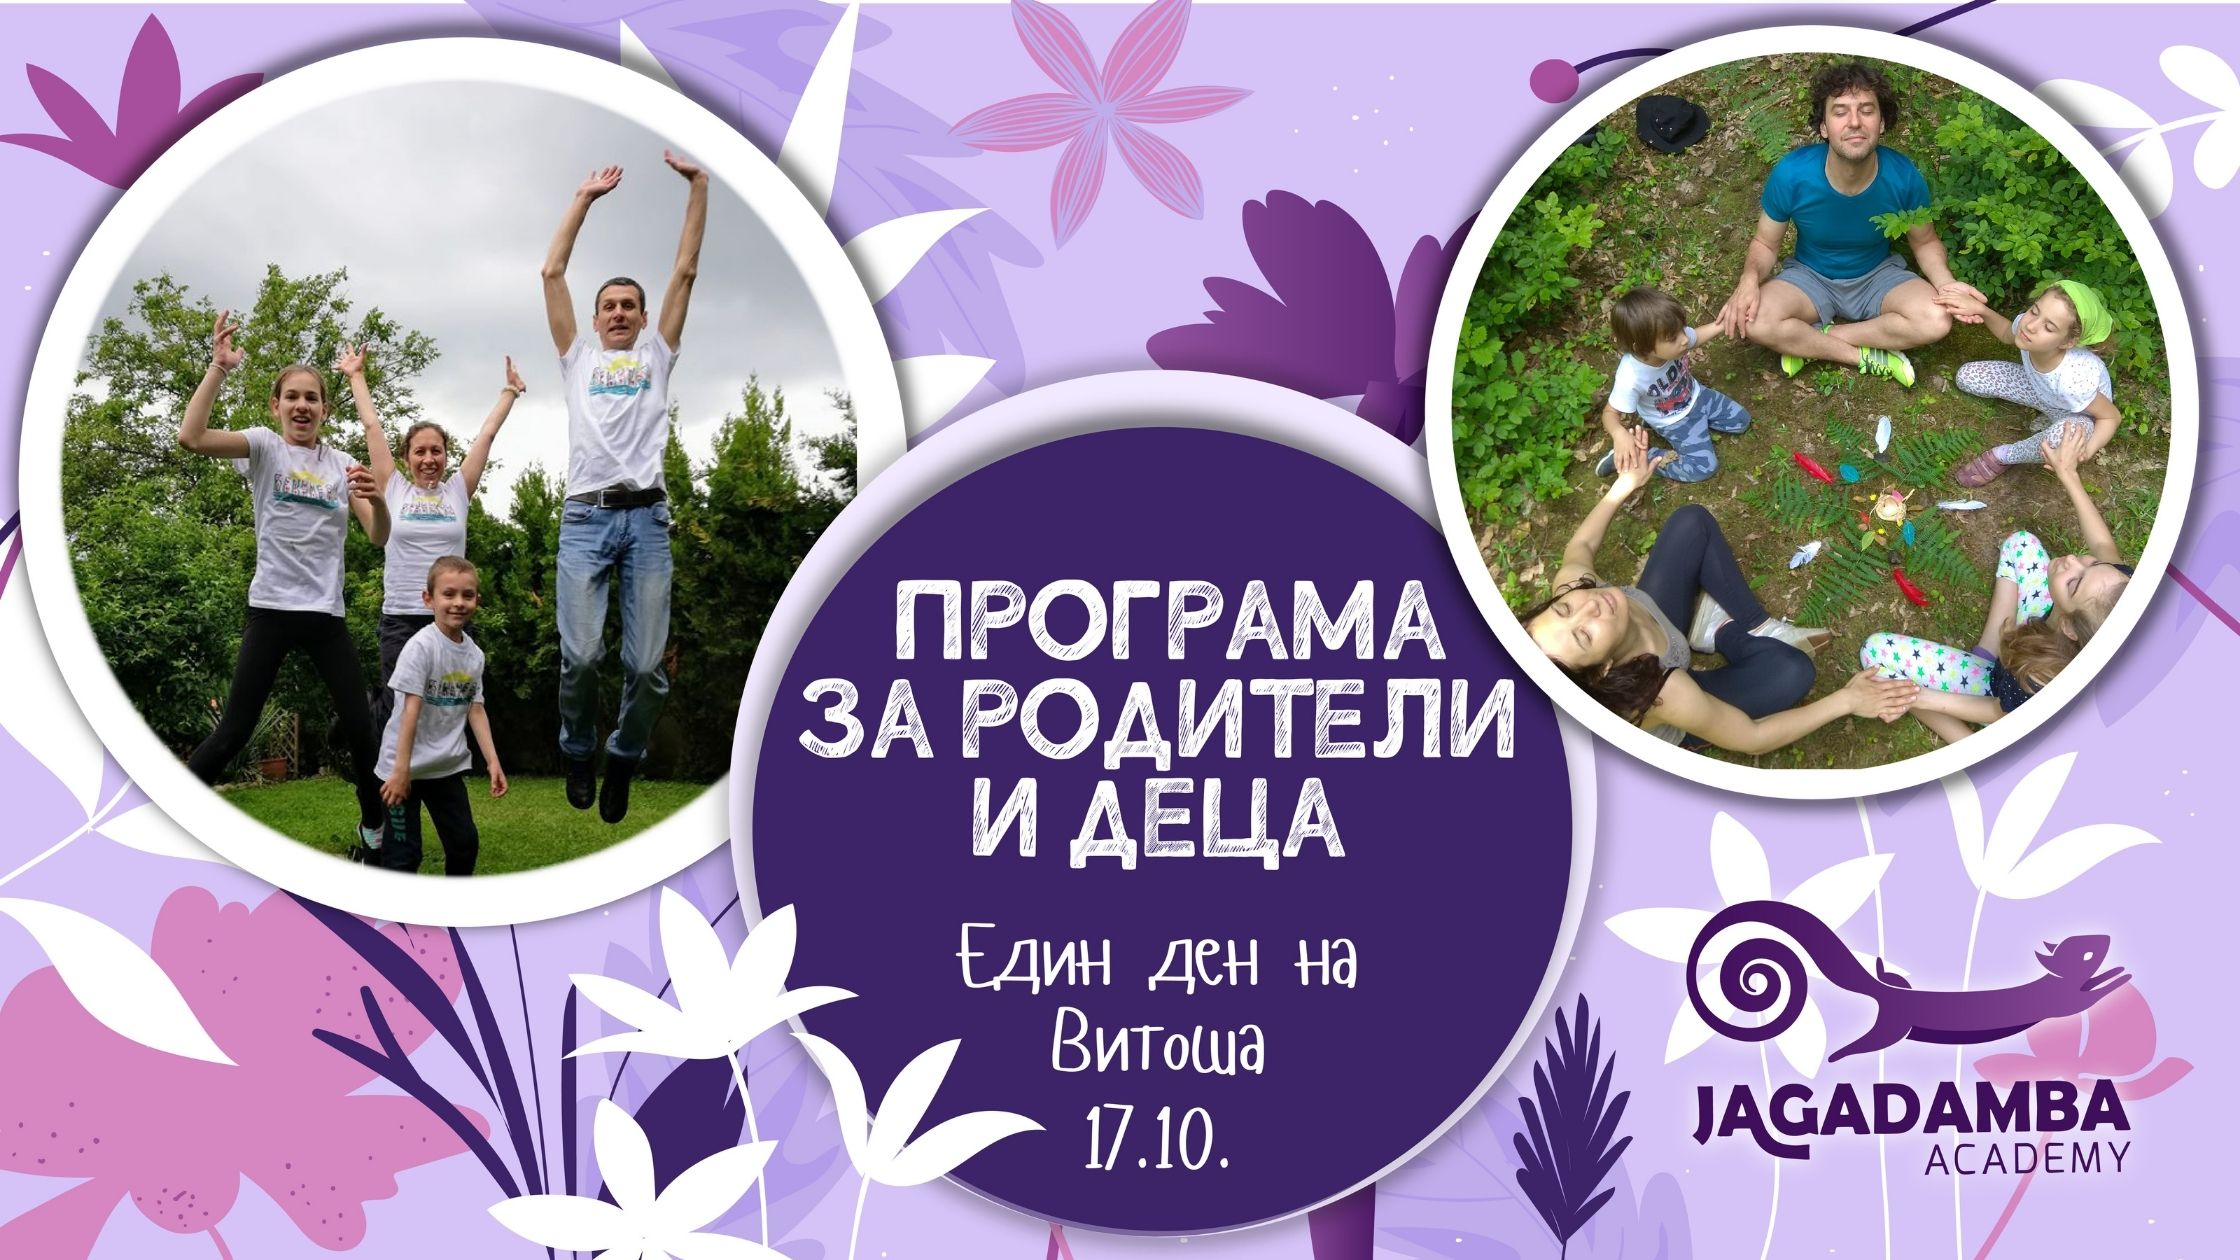 17.10.2020 – Еднодневна семейна програма на Витоша